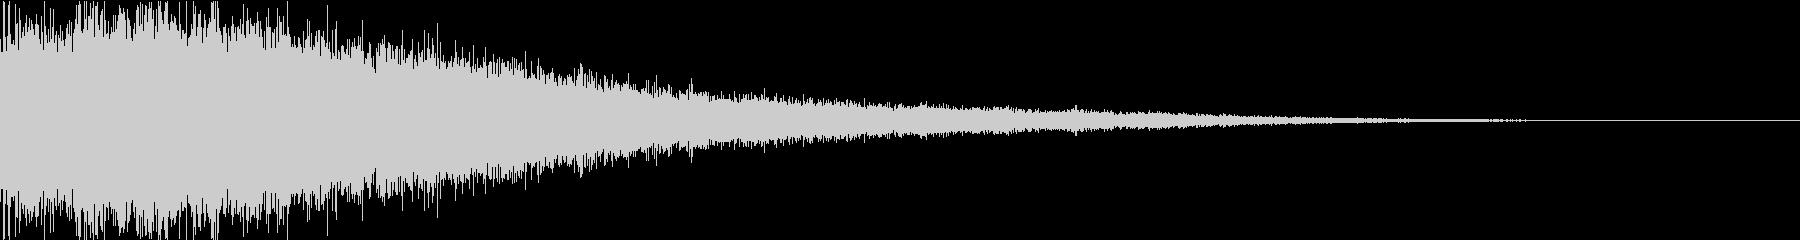 バーン:シンバルを叩く音・衝撃・迫力bの未再生の波形